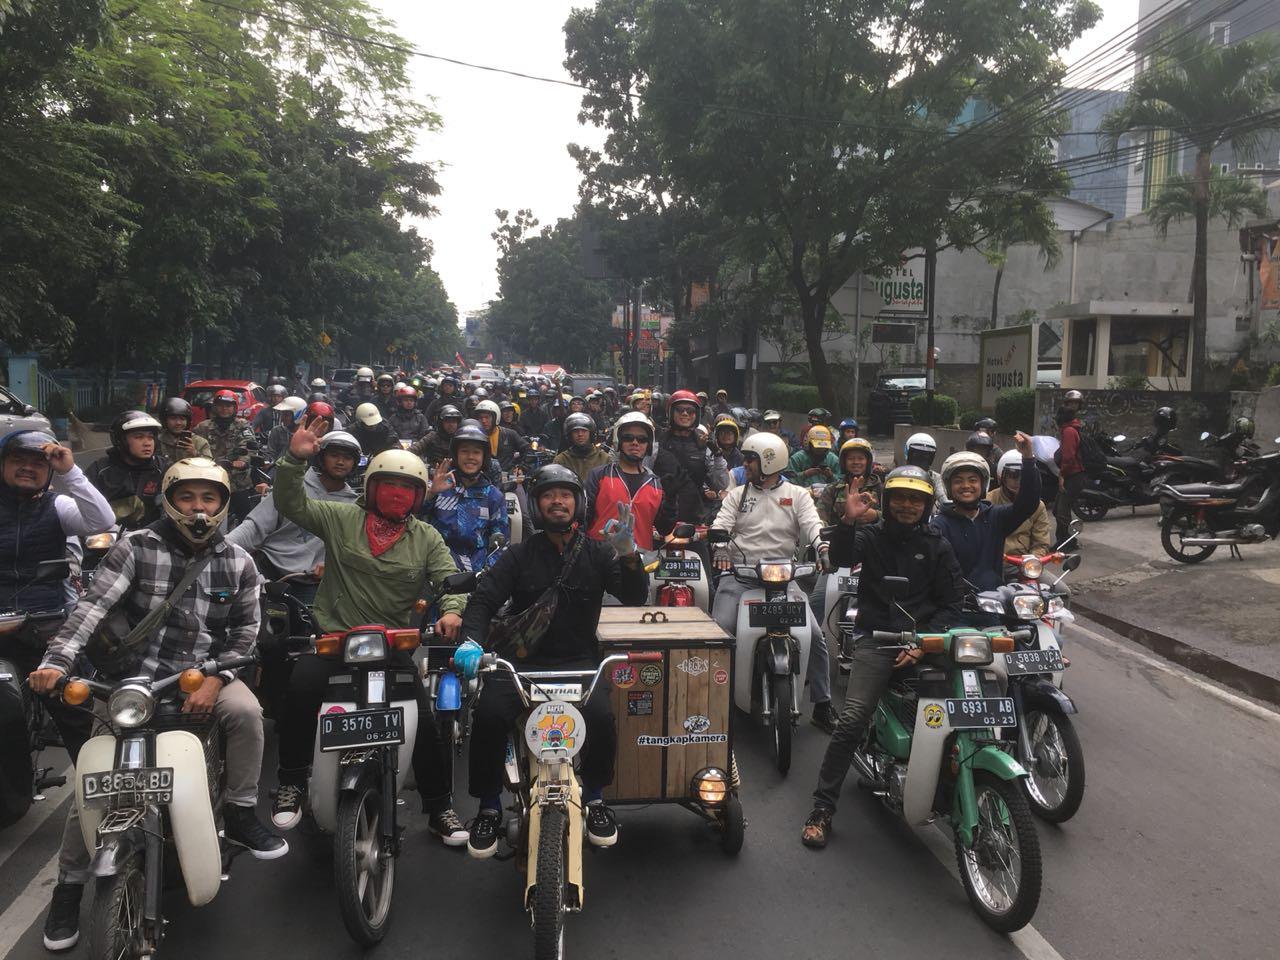 Kampring Ride 2018